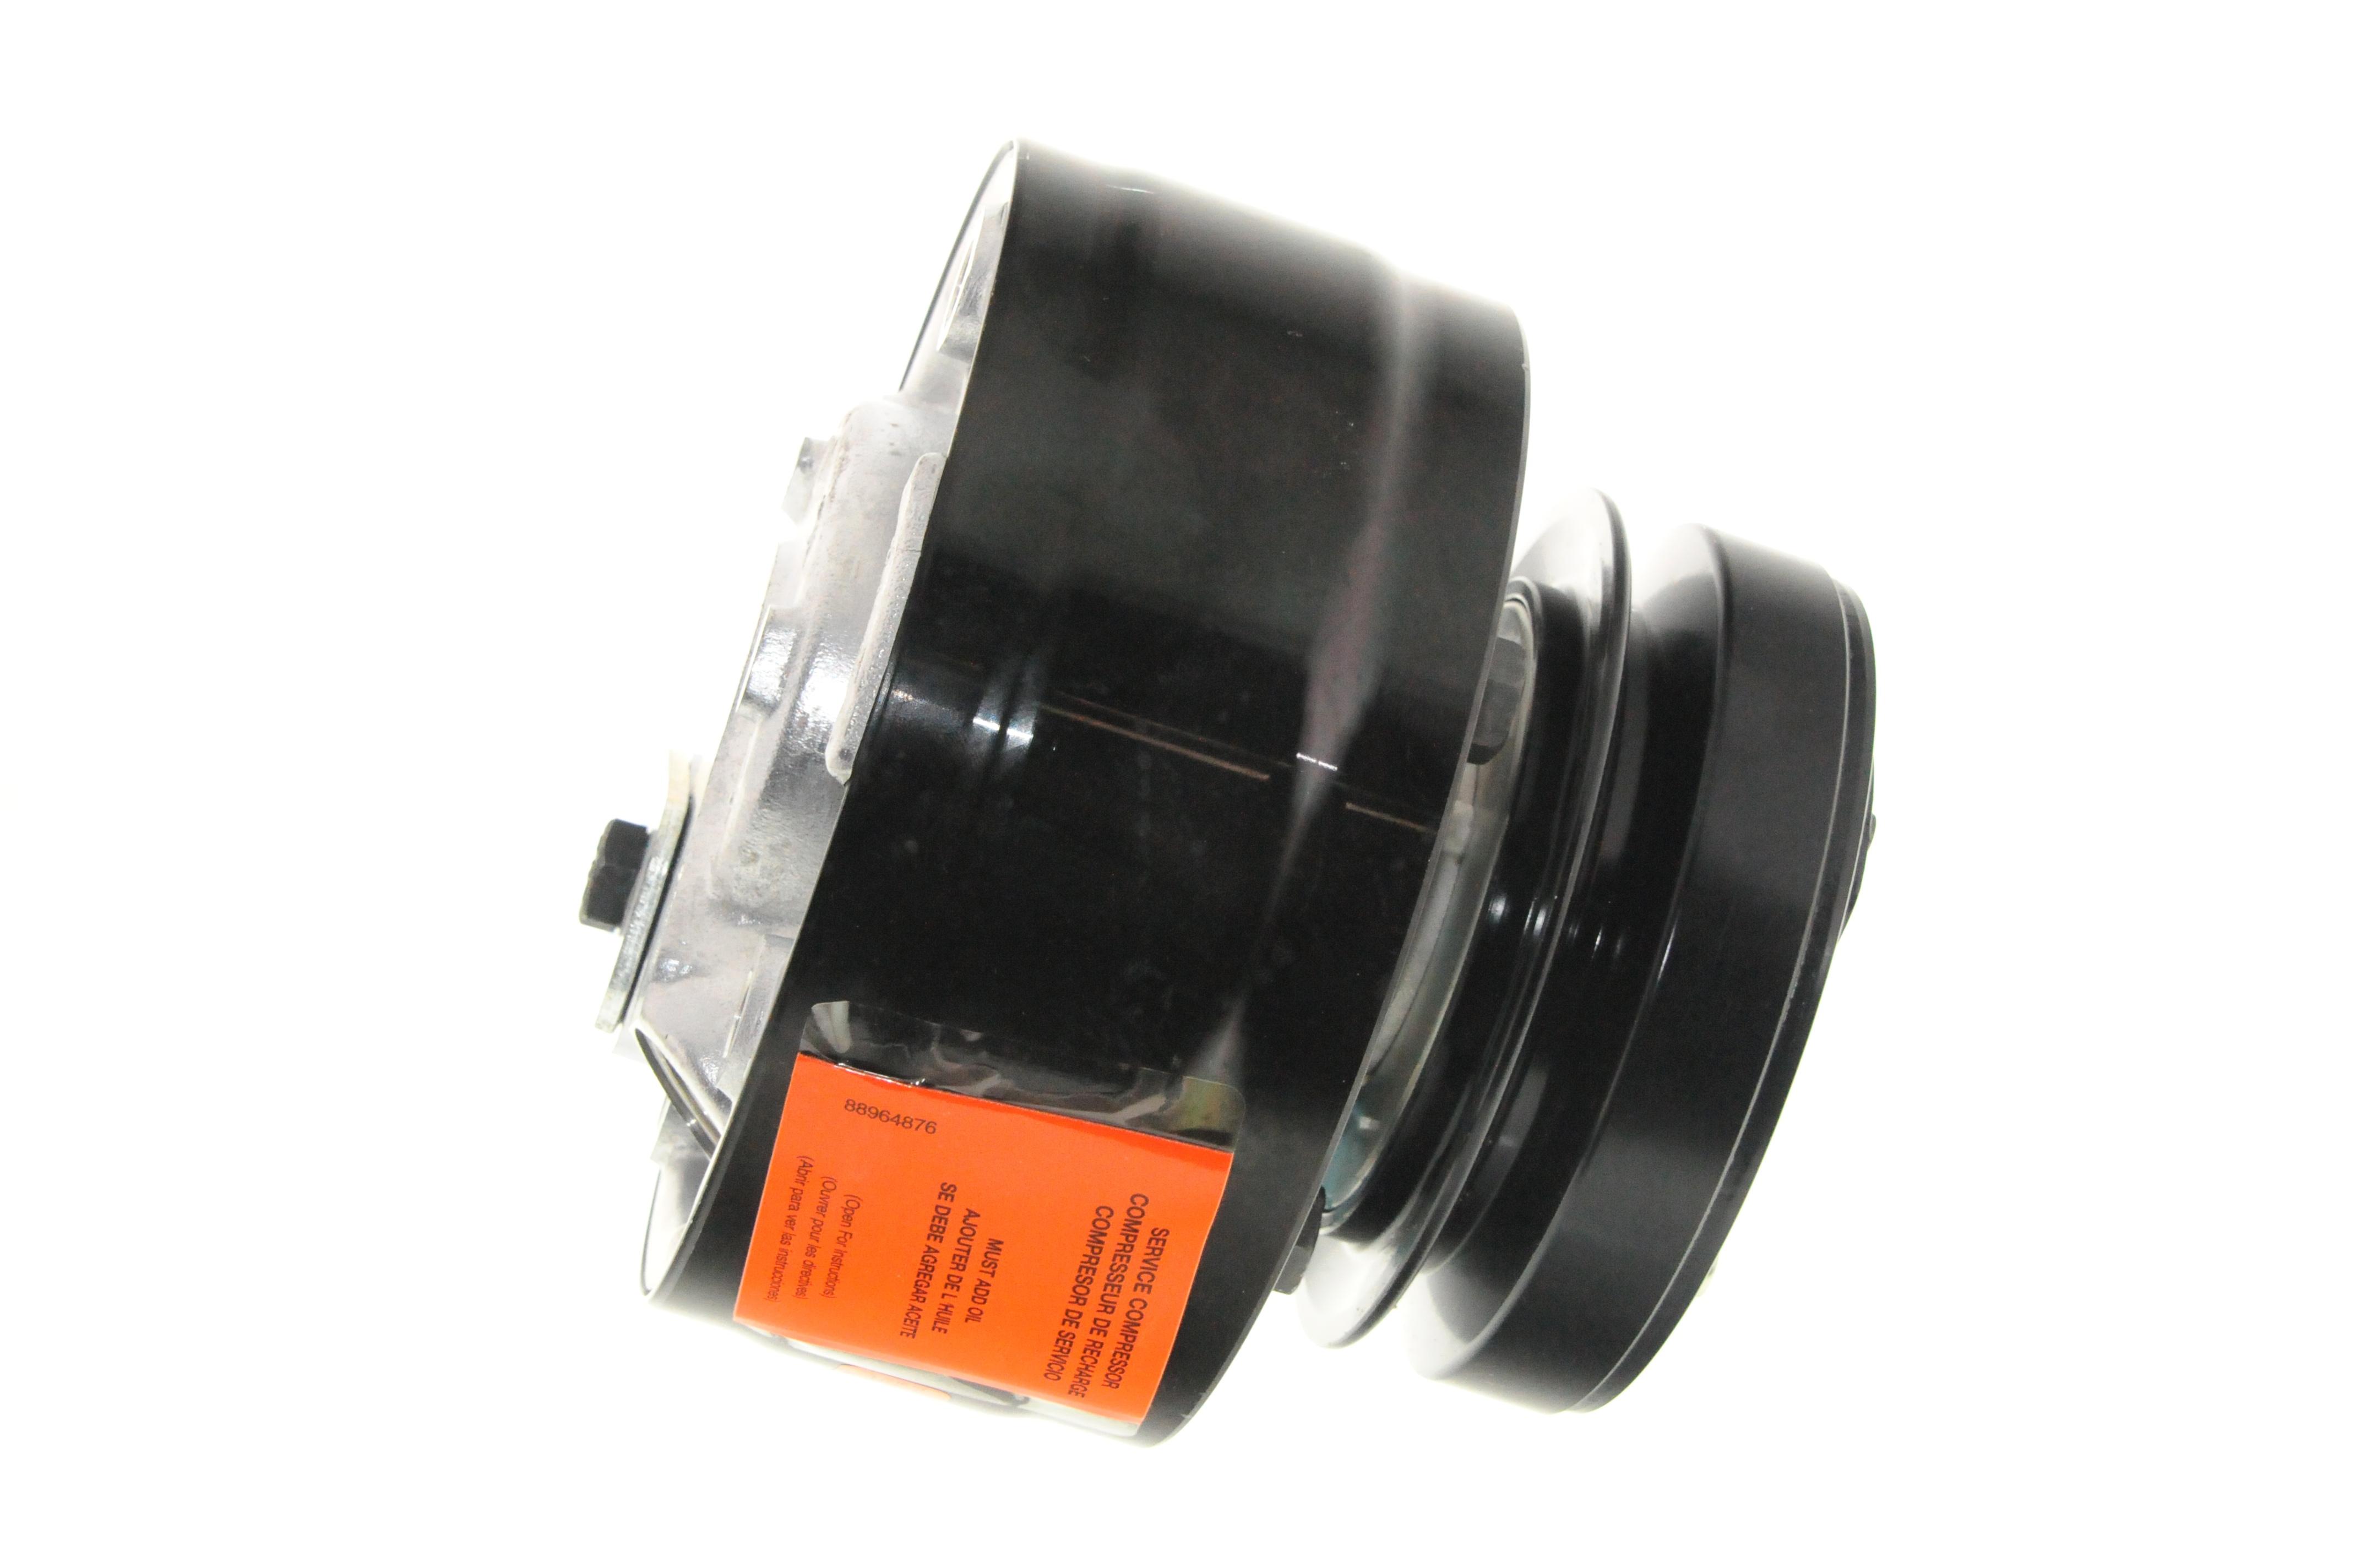 ACDELCO GM ORIGINAL EQUIPMENT - A/C Compressor and Clutch - DCB 15-20206